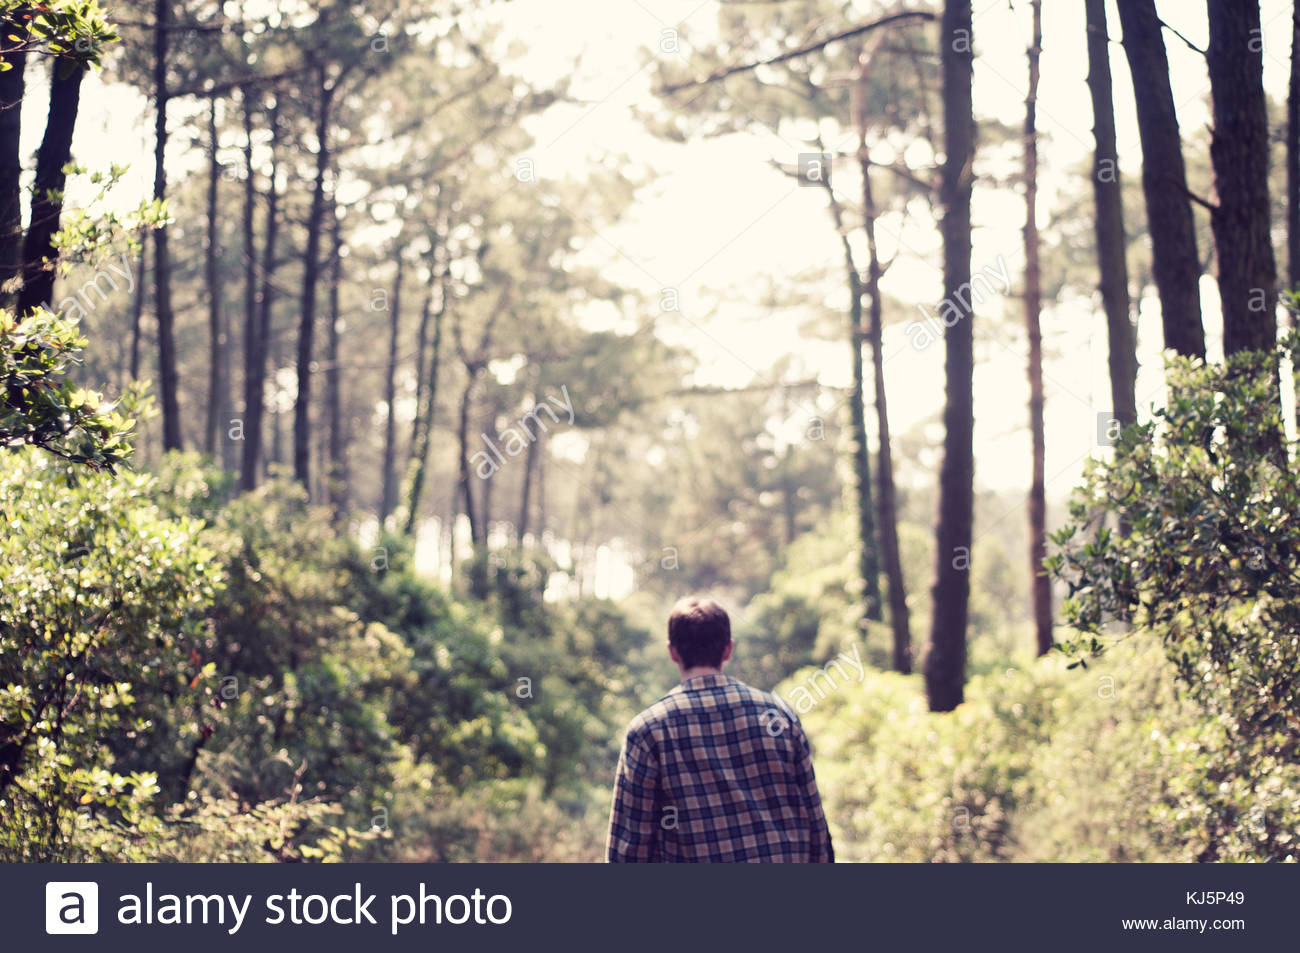 Hombre caminando en el bosque Imagen De Stock